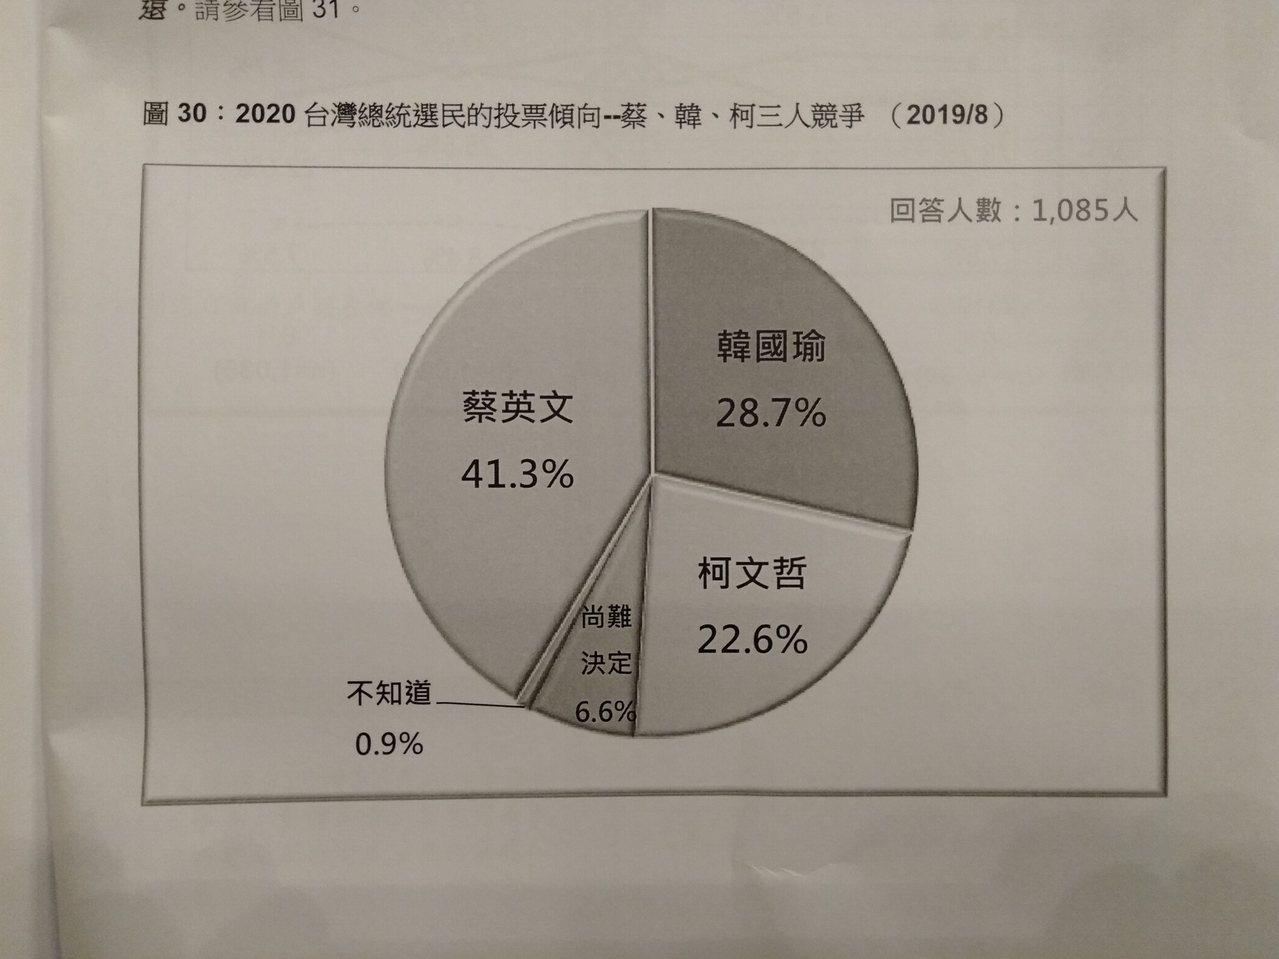 台灣民意基金會發佈8月份民意調查,指出若蔡英文總統與高雄市長韓國瑜在明年總統大選...